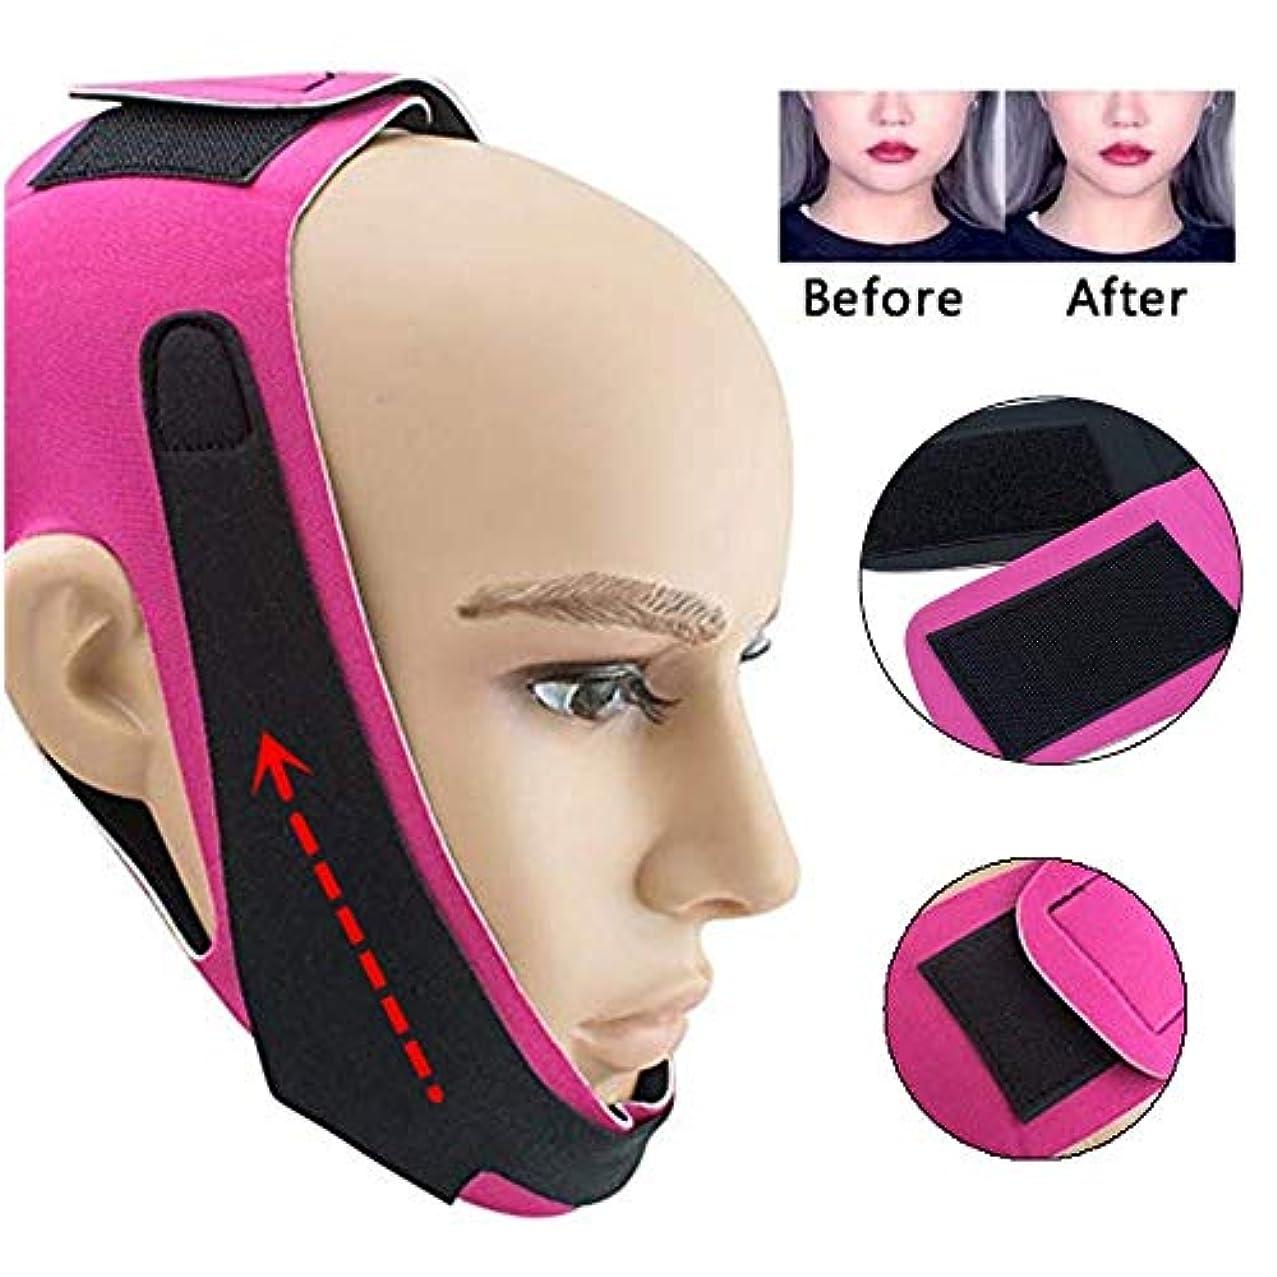 ひばり満員差別Thin Face Bandage Face Slimmer Get Rid Of Double Chin Create V-Line Face Shapes Chin Cheek Lift Up Anti Wrinkle...